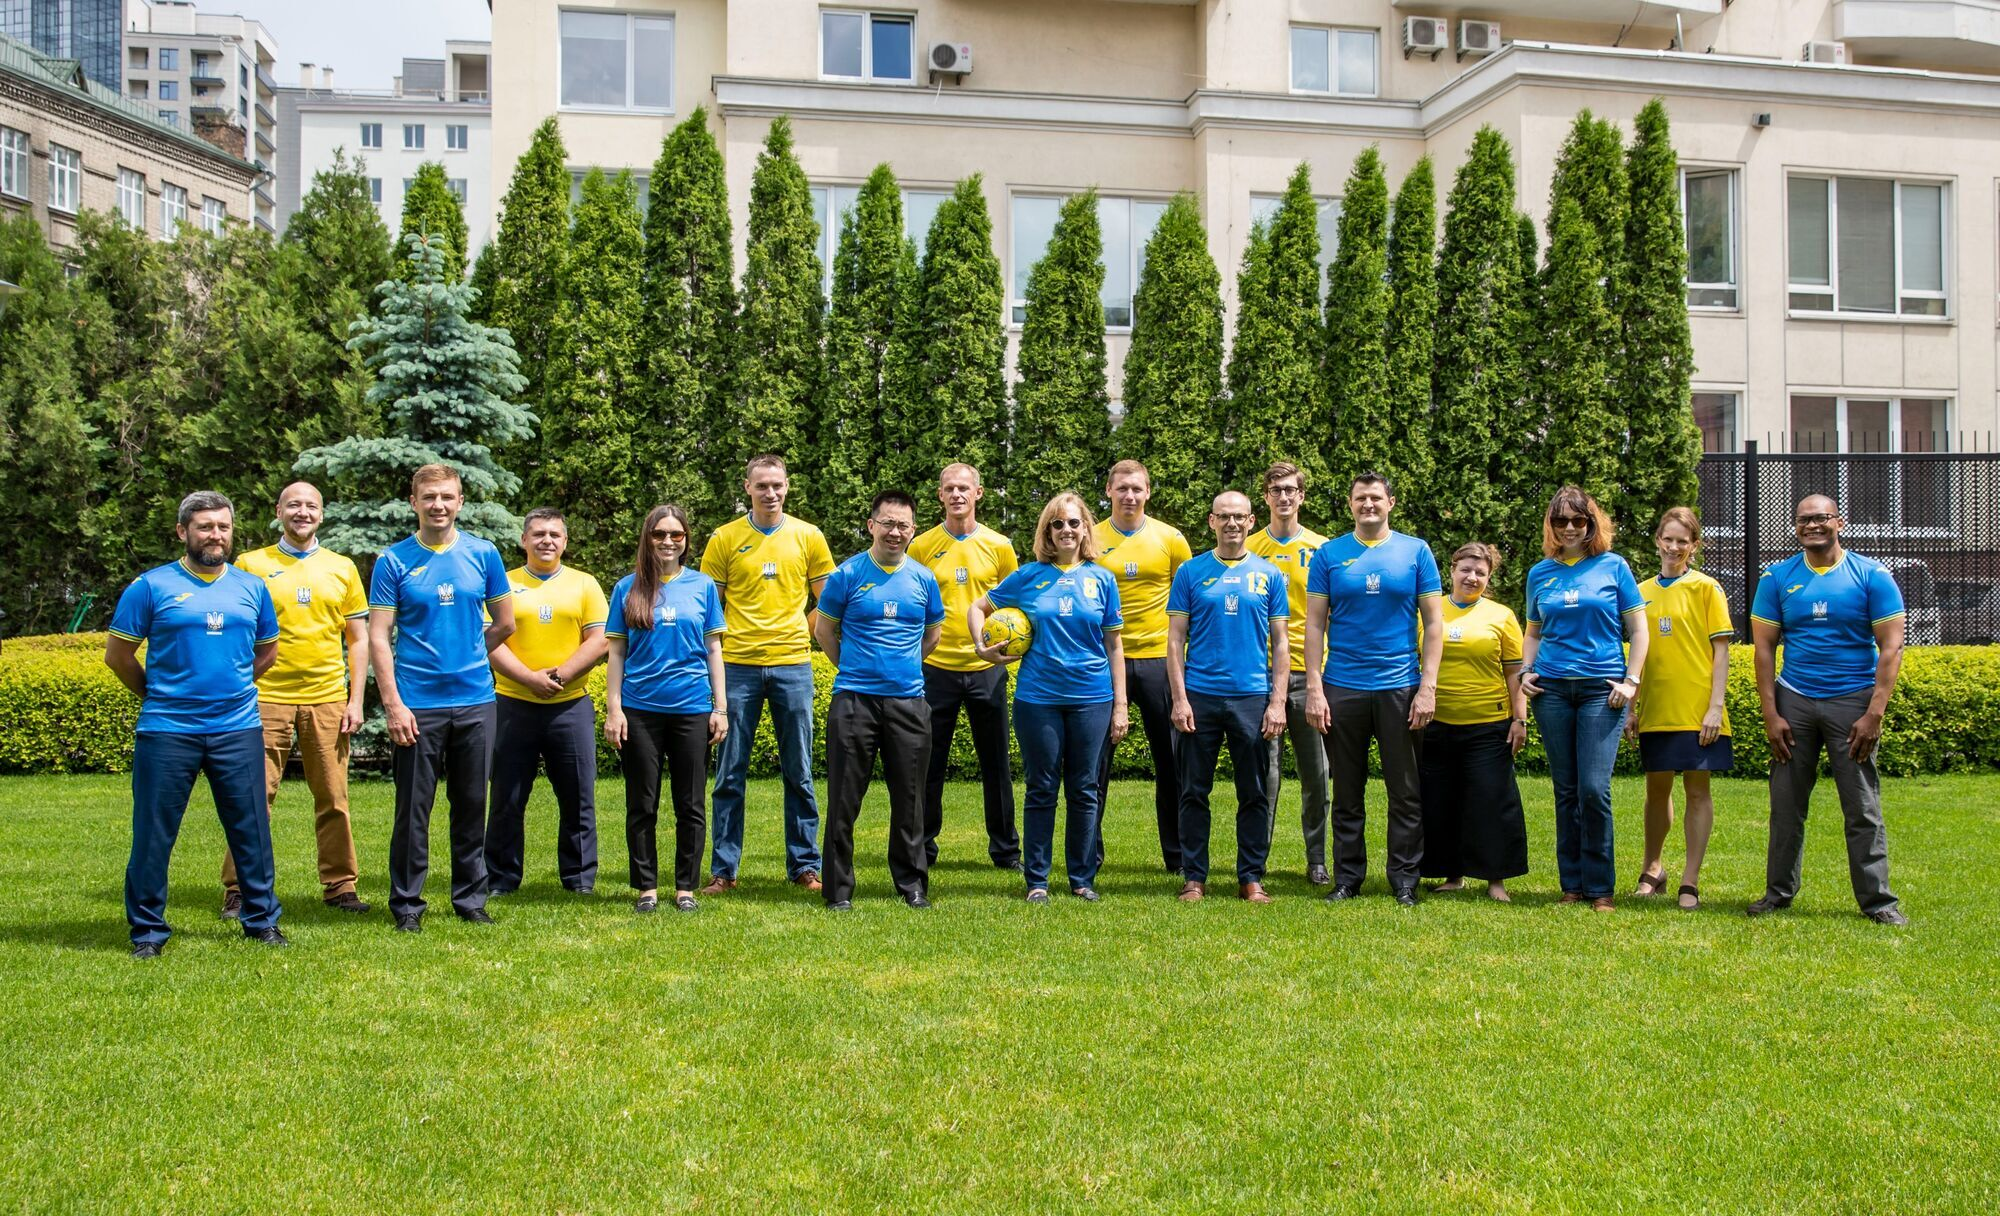 Співробітники посольства знялися у фотосесії на підтримку України